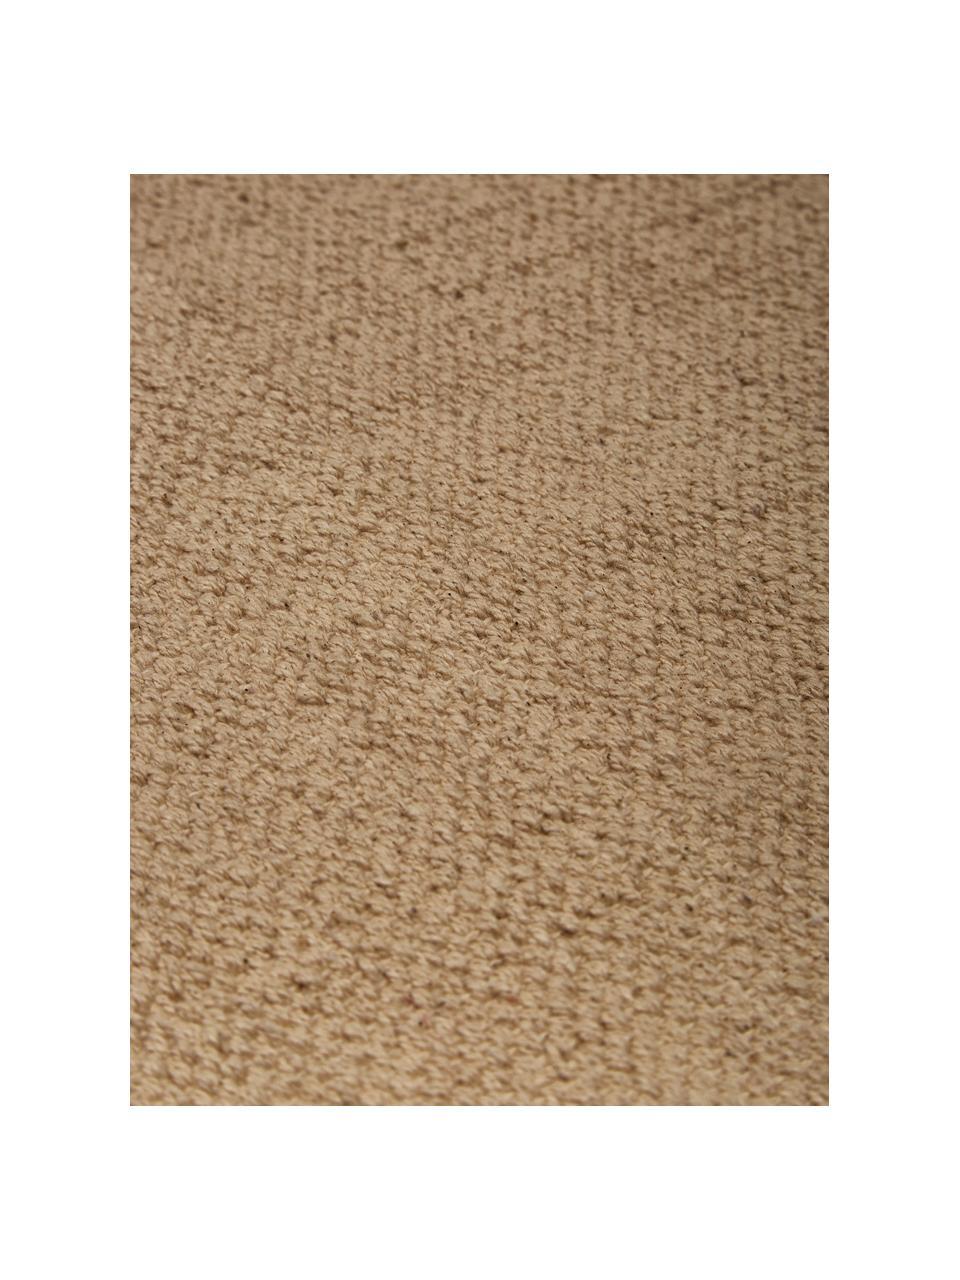 Dünner Baumwollteppich Agneta in Taupe, handgewebt, 100% Baumwolle, Beige, B 200 x L 300 cm (Größe L)